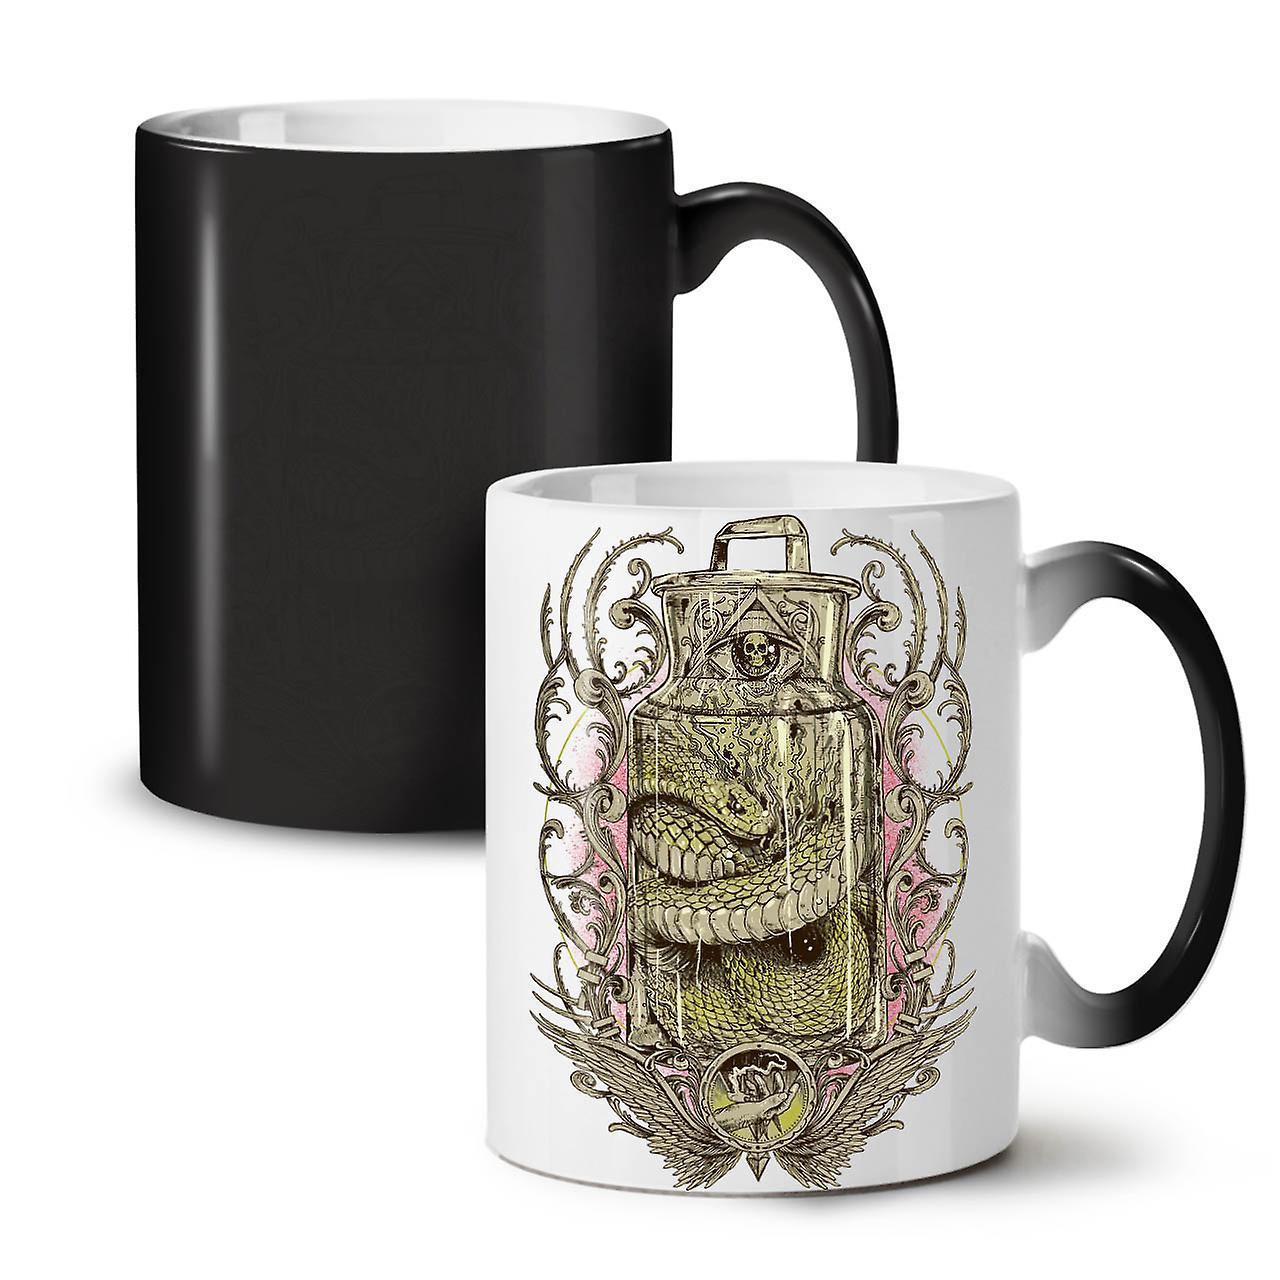 Effrayant Noir De Serpent Nouveau Céramique Tasse OzWellcoda Changeant 11 Café Jar Couleur Thé fvYy76Ibg